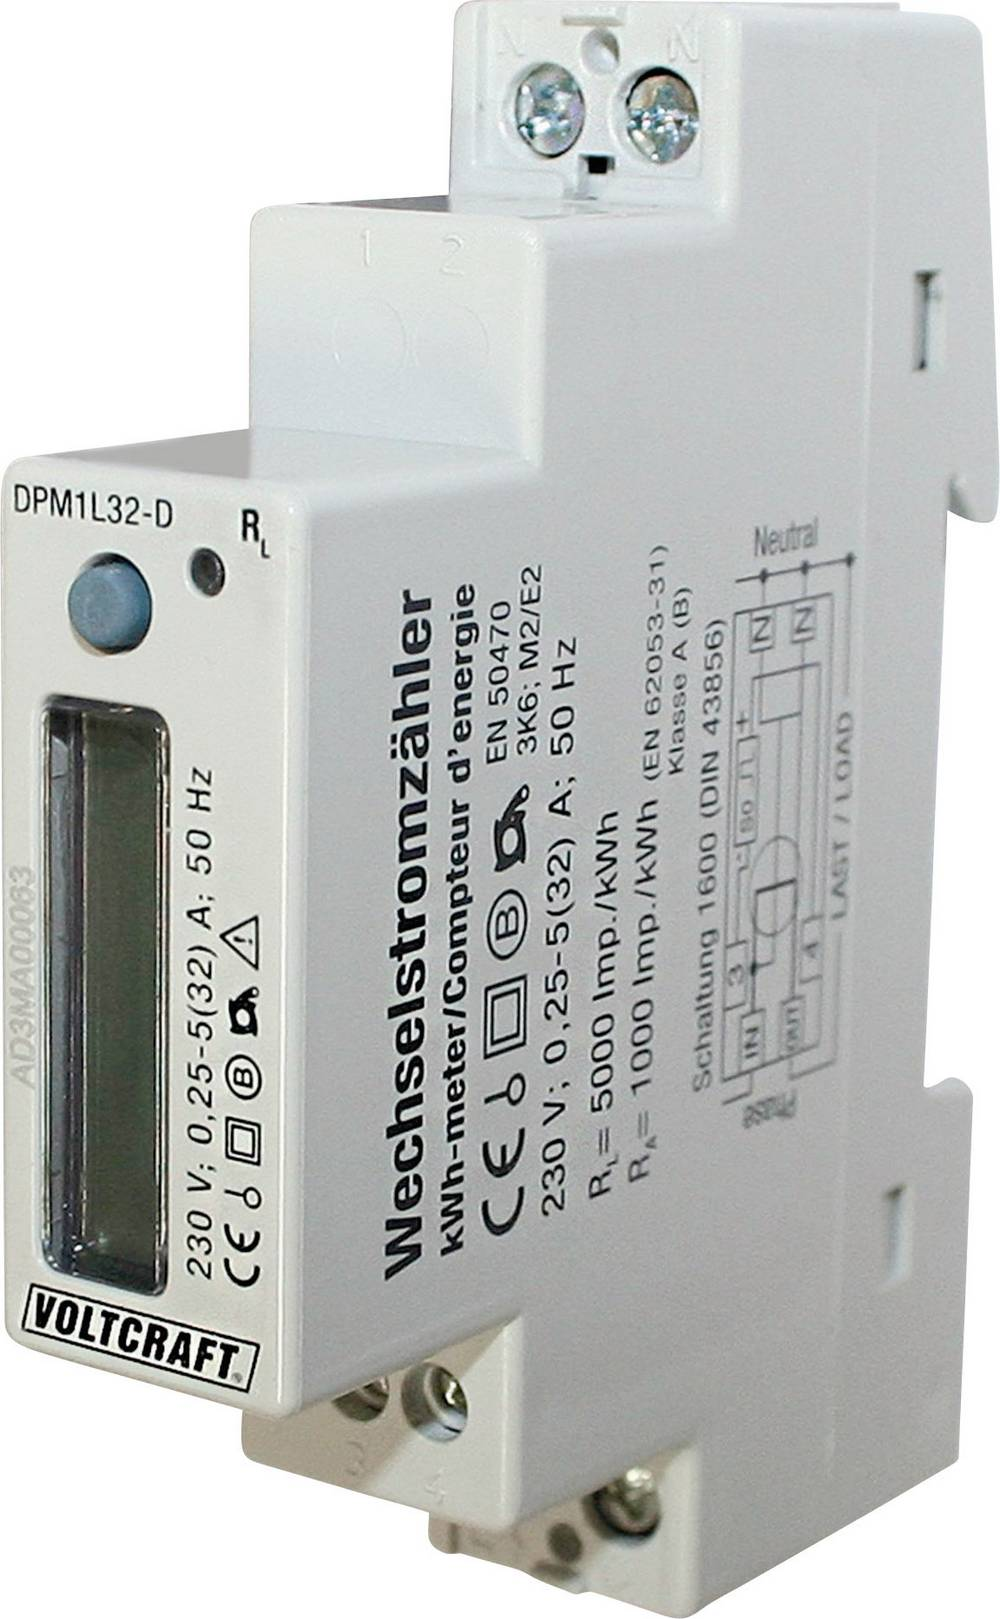 Enofazni števec izmeničnega toka, digitalni 32 A MID-odobritev: ne VOLTCRAFT DPM1L32-D Plus